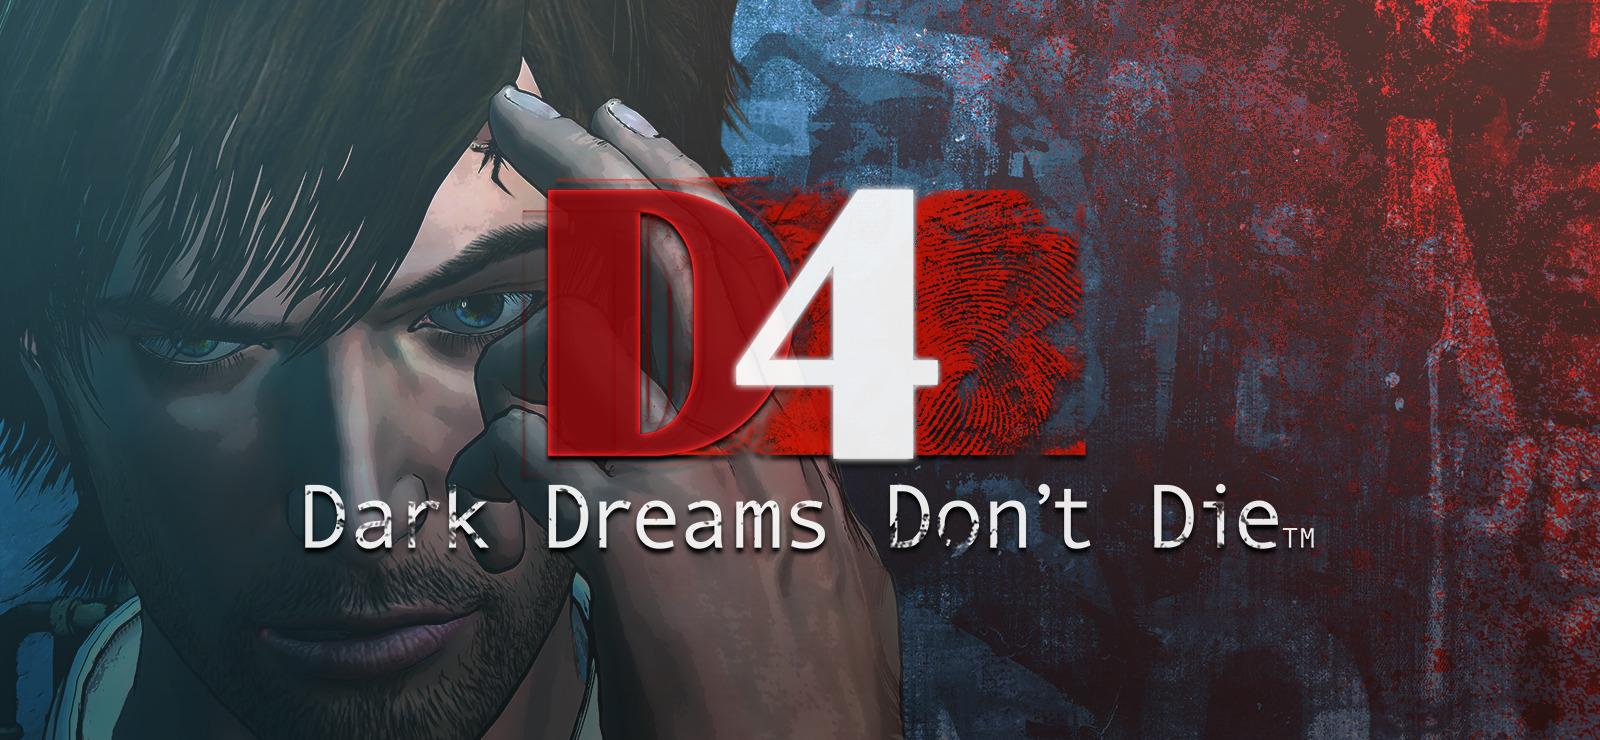 Dark Dreams don't die